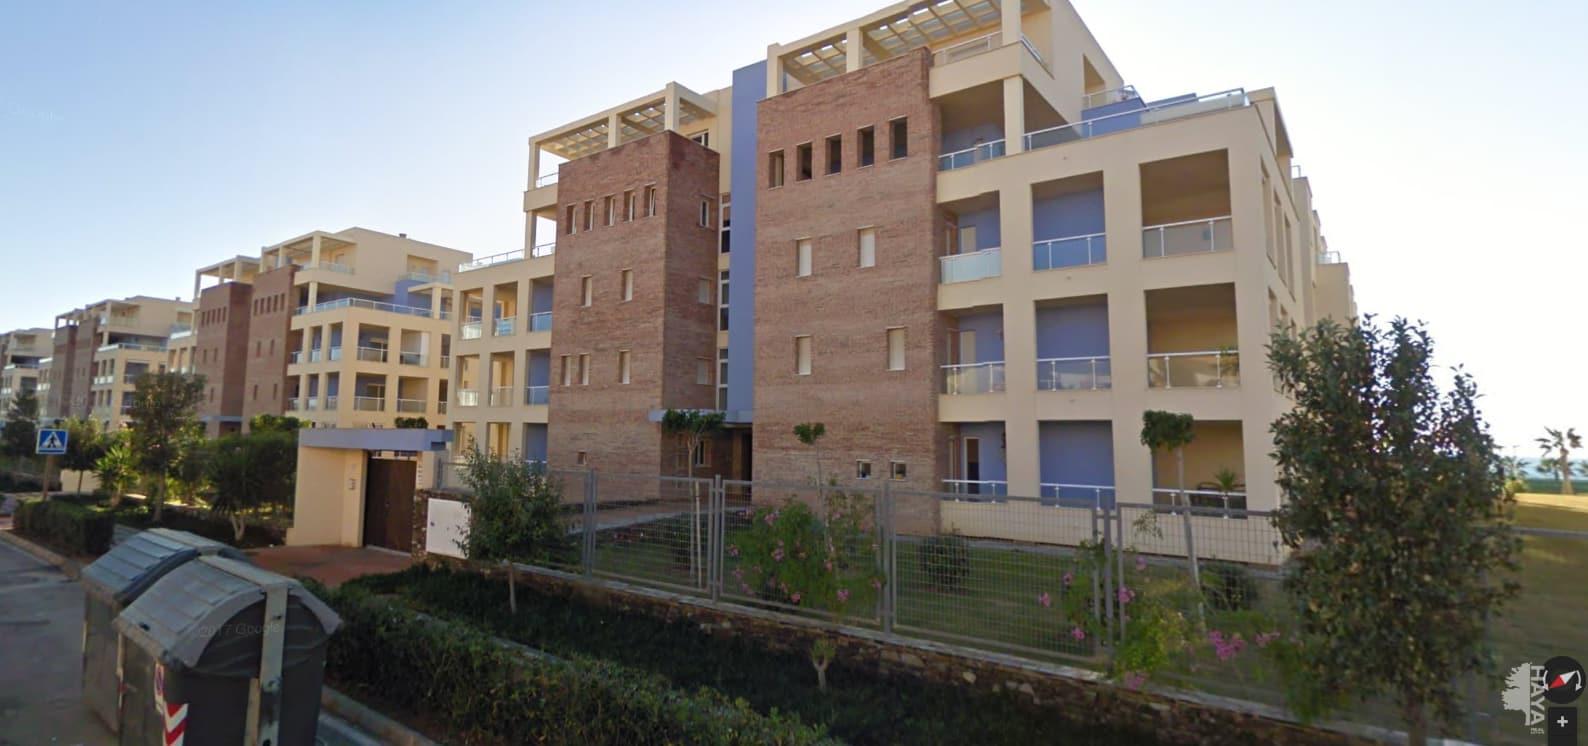 Piso en venta en Urbanización  la Entinas, El Ejido, Almería, Calle Bajamar, 215.000 €, 3 habitaciones, 2 baños, 120 m2